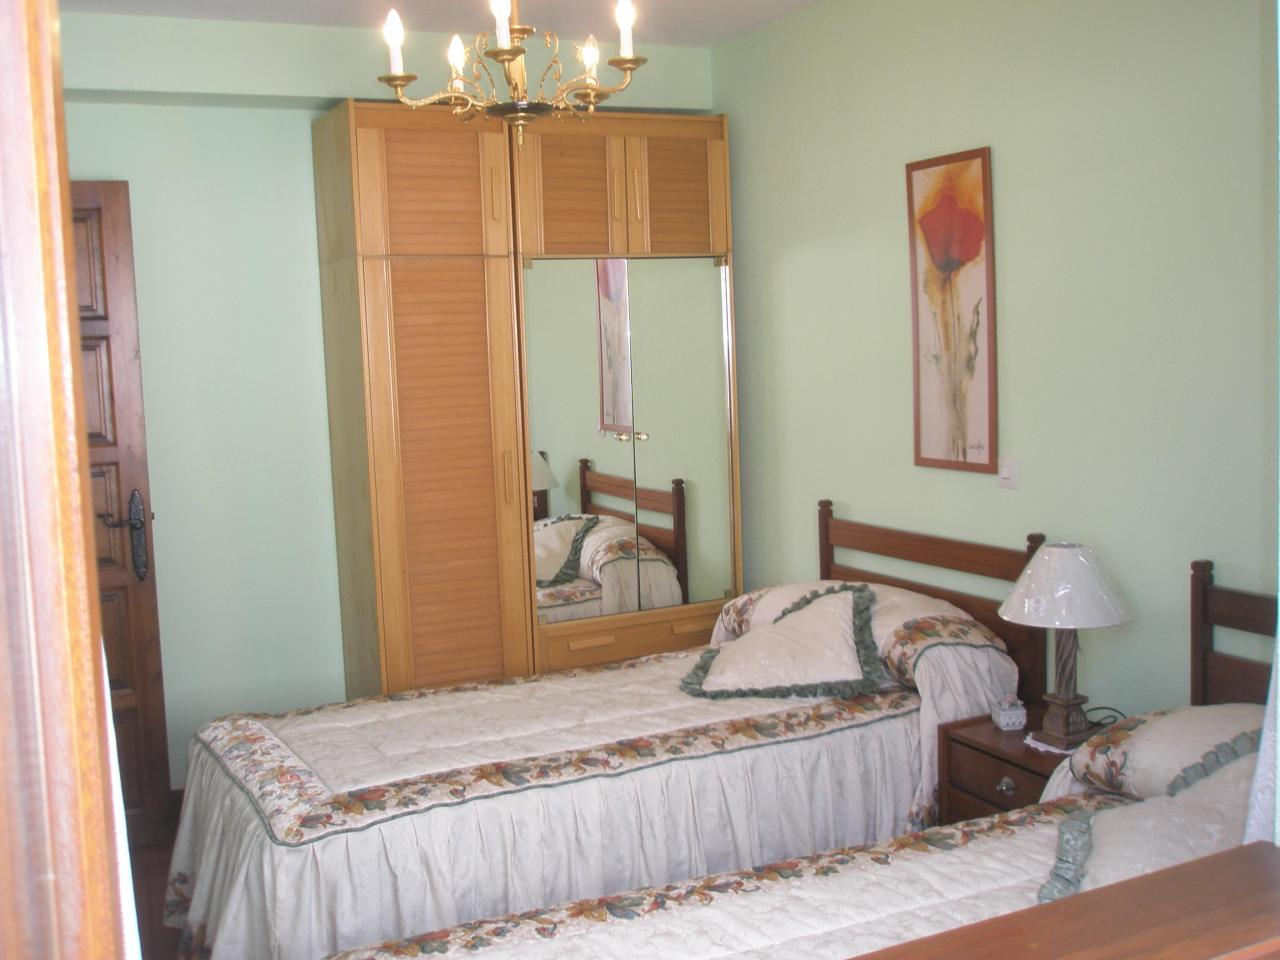 Alquiler de habitaciones Parbayón, Cantabria